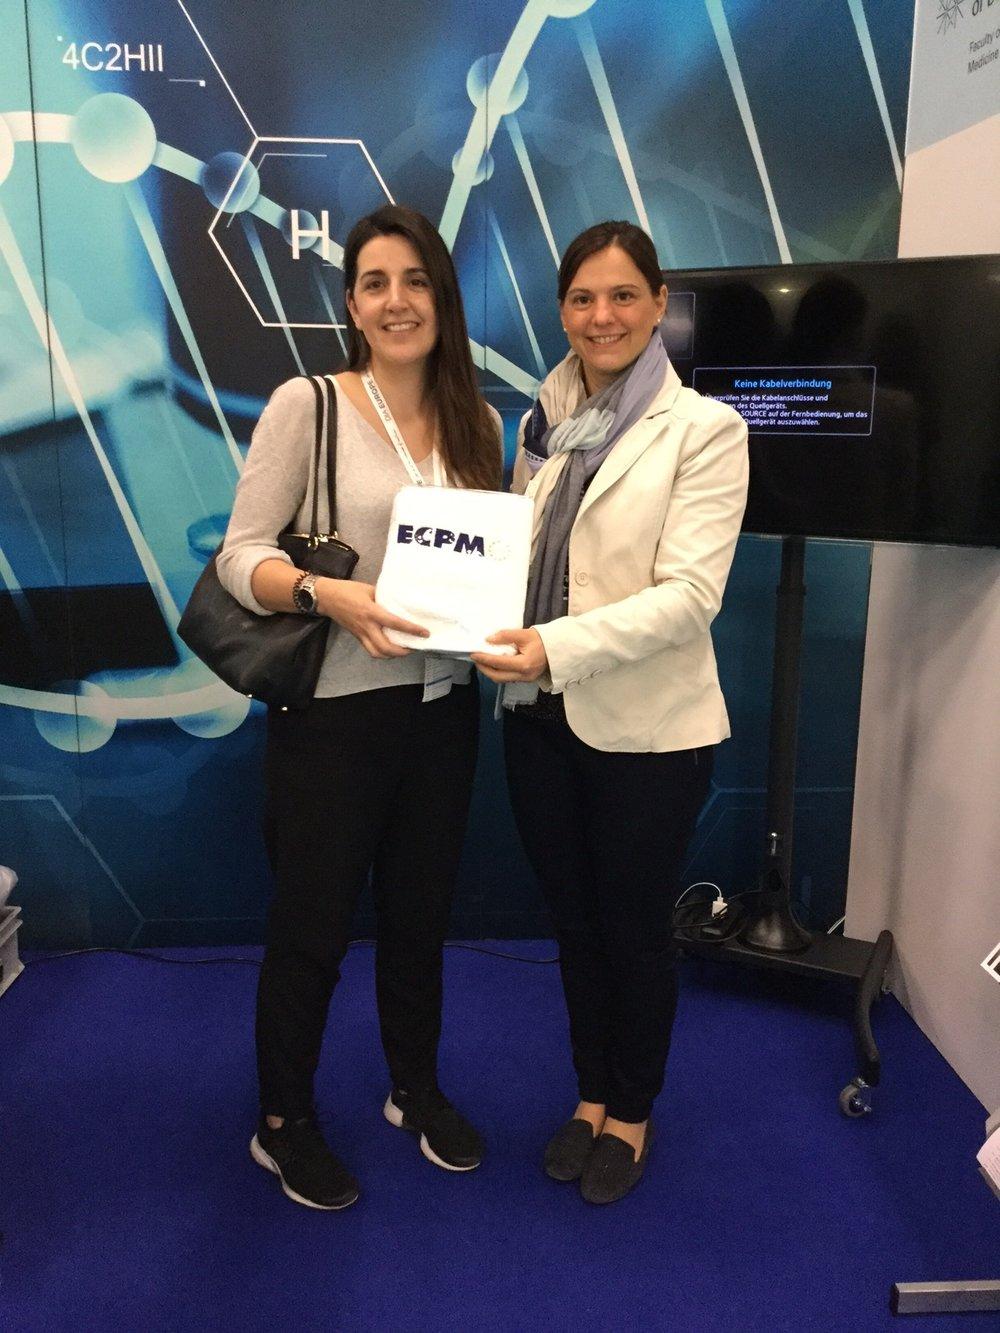 Elena Y Cristoveanu, PharmaMar, Madrid (Spain)